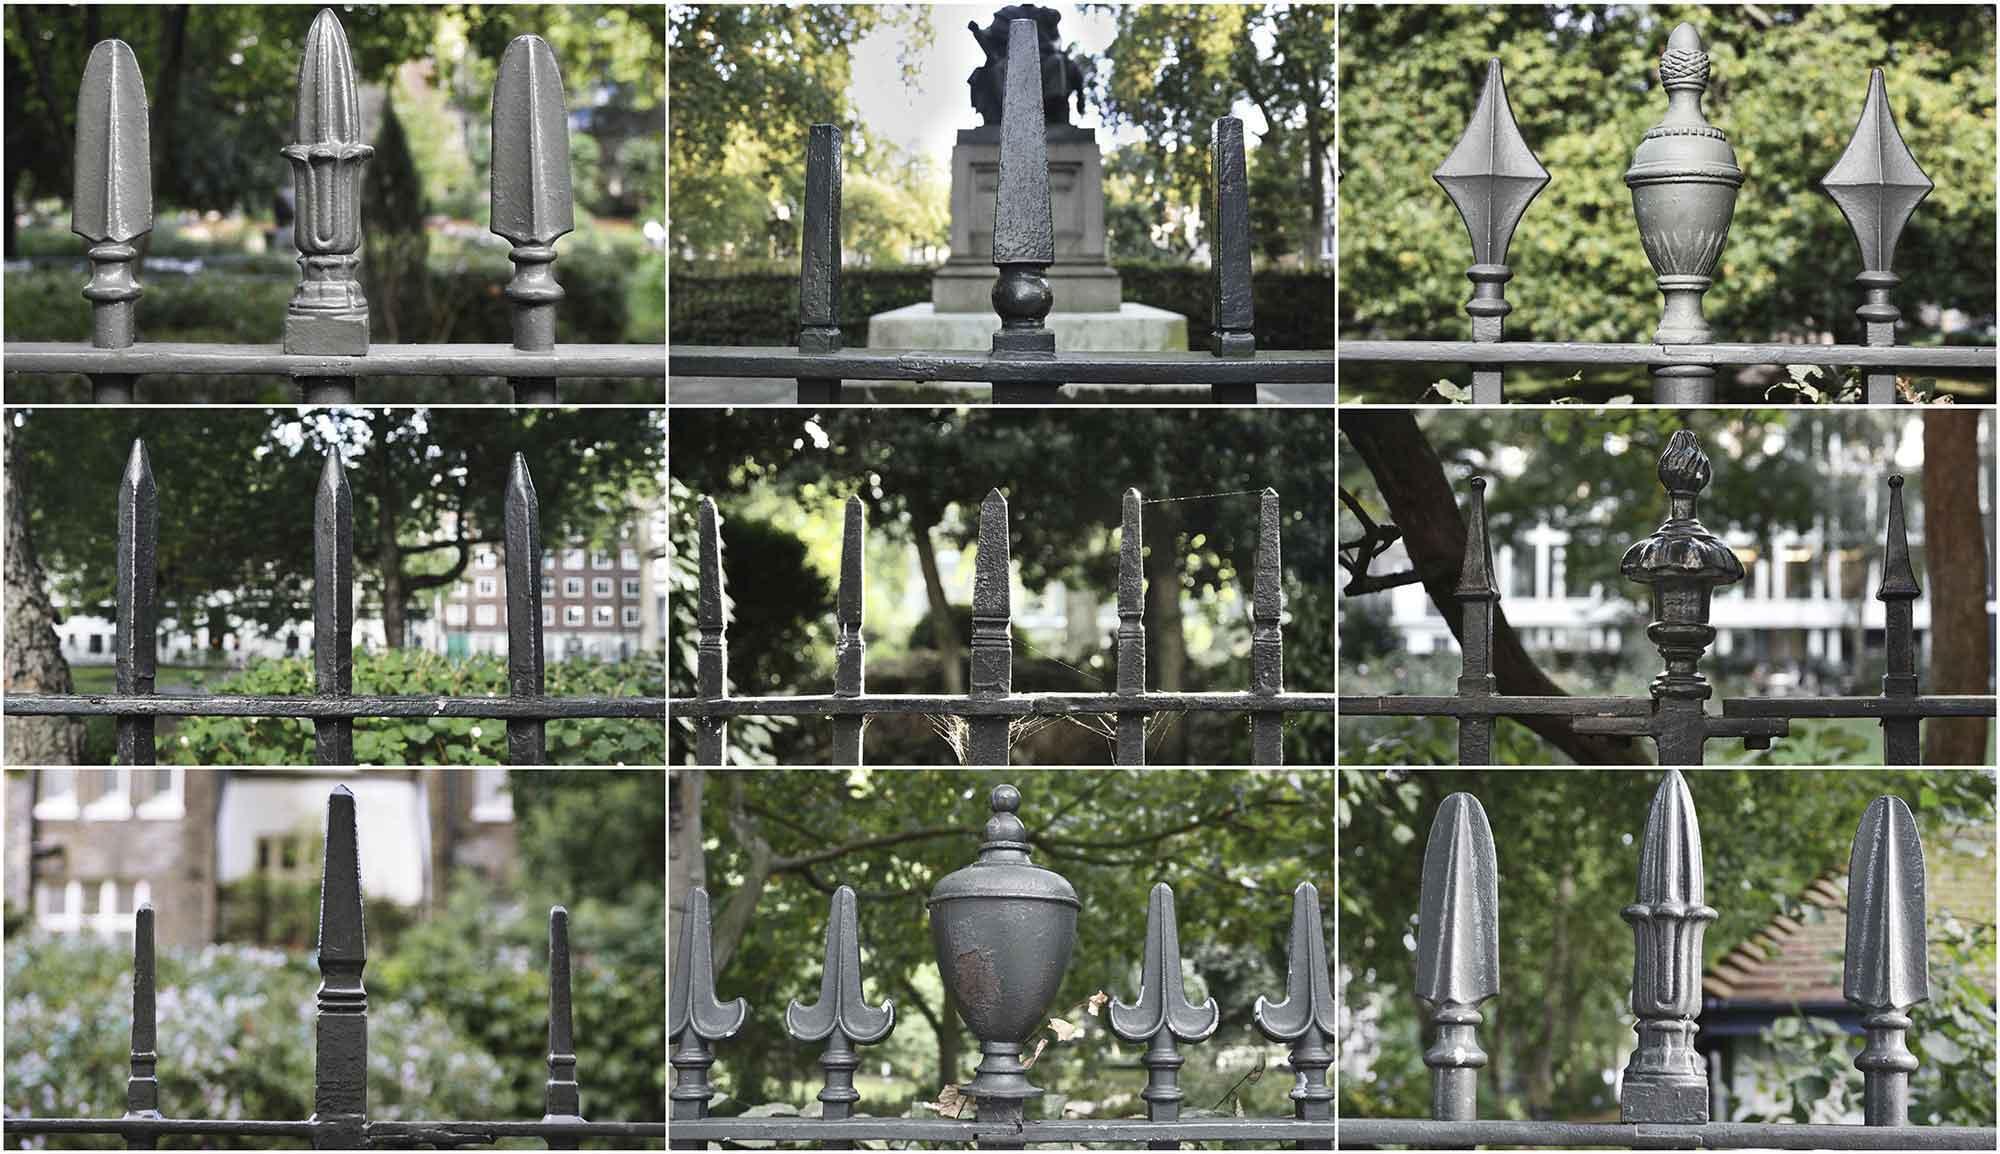 5 (Bloomsbury railings)